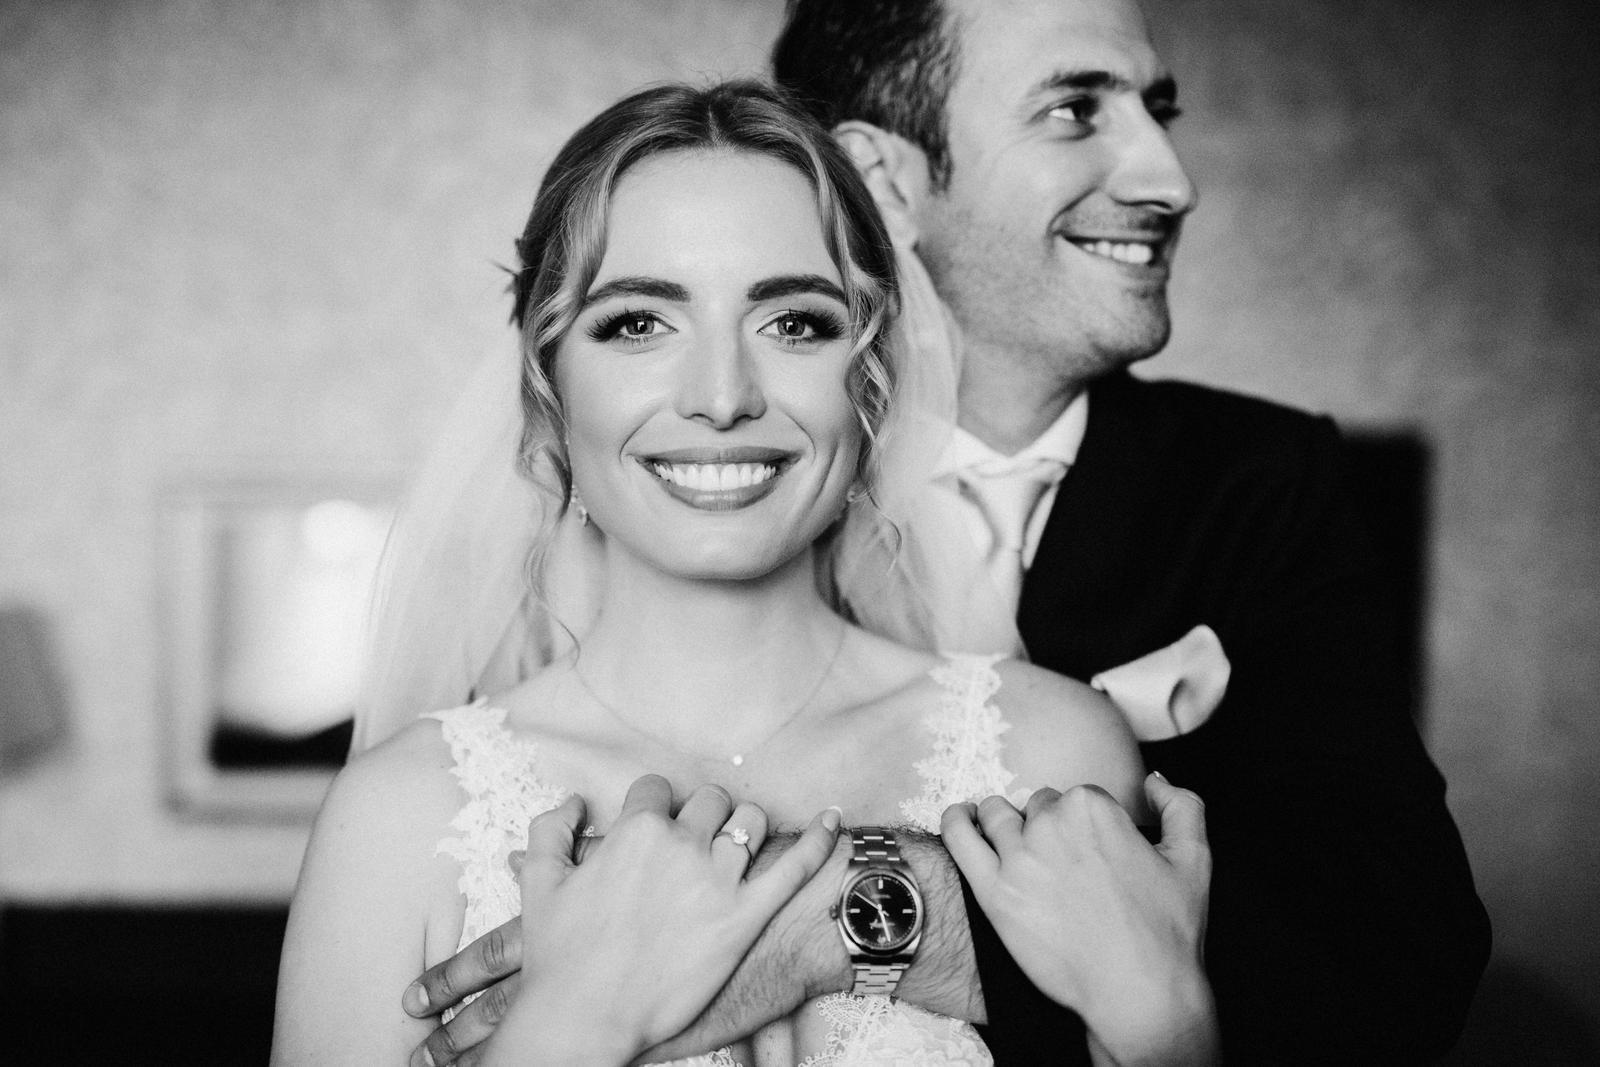 A máme tu nový príbeh krásnej nevesty Aničky. Anička a Thierry sa spoznali v zahraničí a odtiaľ plánovali aj ich dve svadby – francúzsku a slovenskú. A my sme sa do ich príbehu okamžite zamilovali! :-) Celý príbeh nájdeš TU: https://mojasvadba.zoznam.sk/slovensko-francuzska-svadba-tri-duby/ - Obrázok č. 1